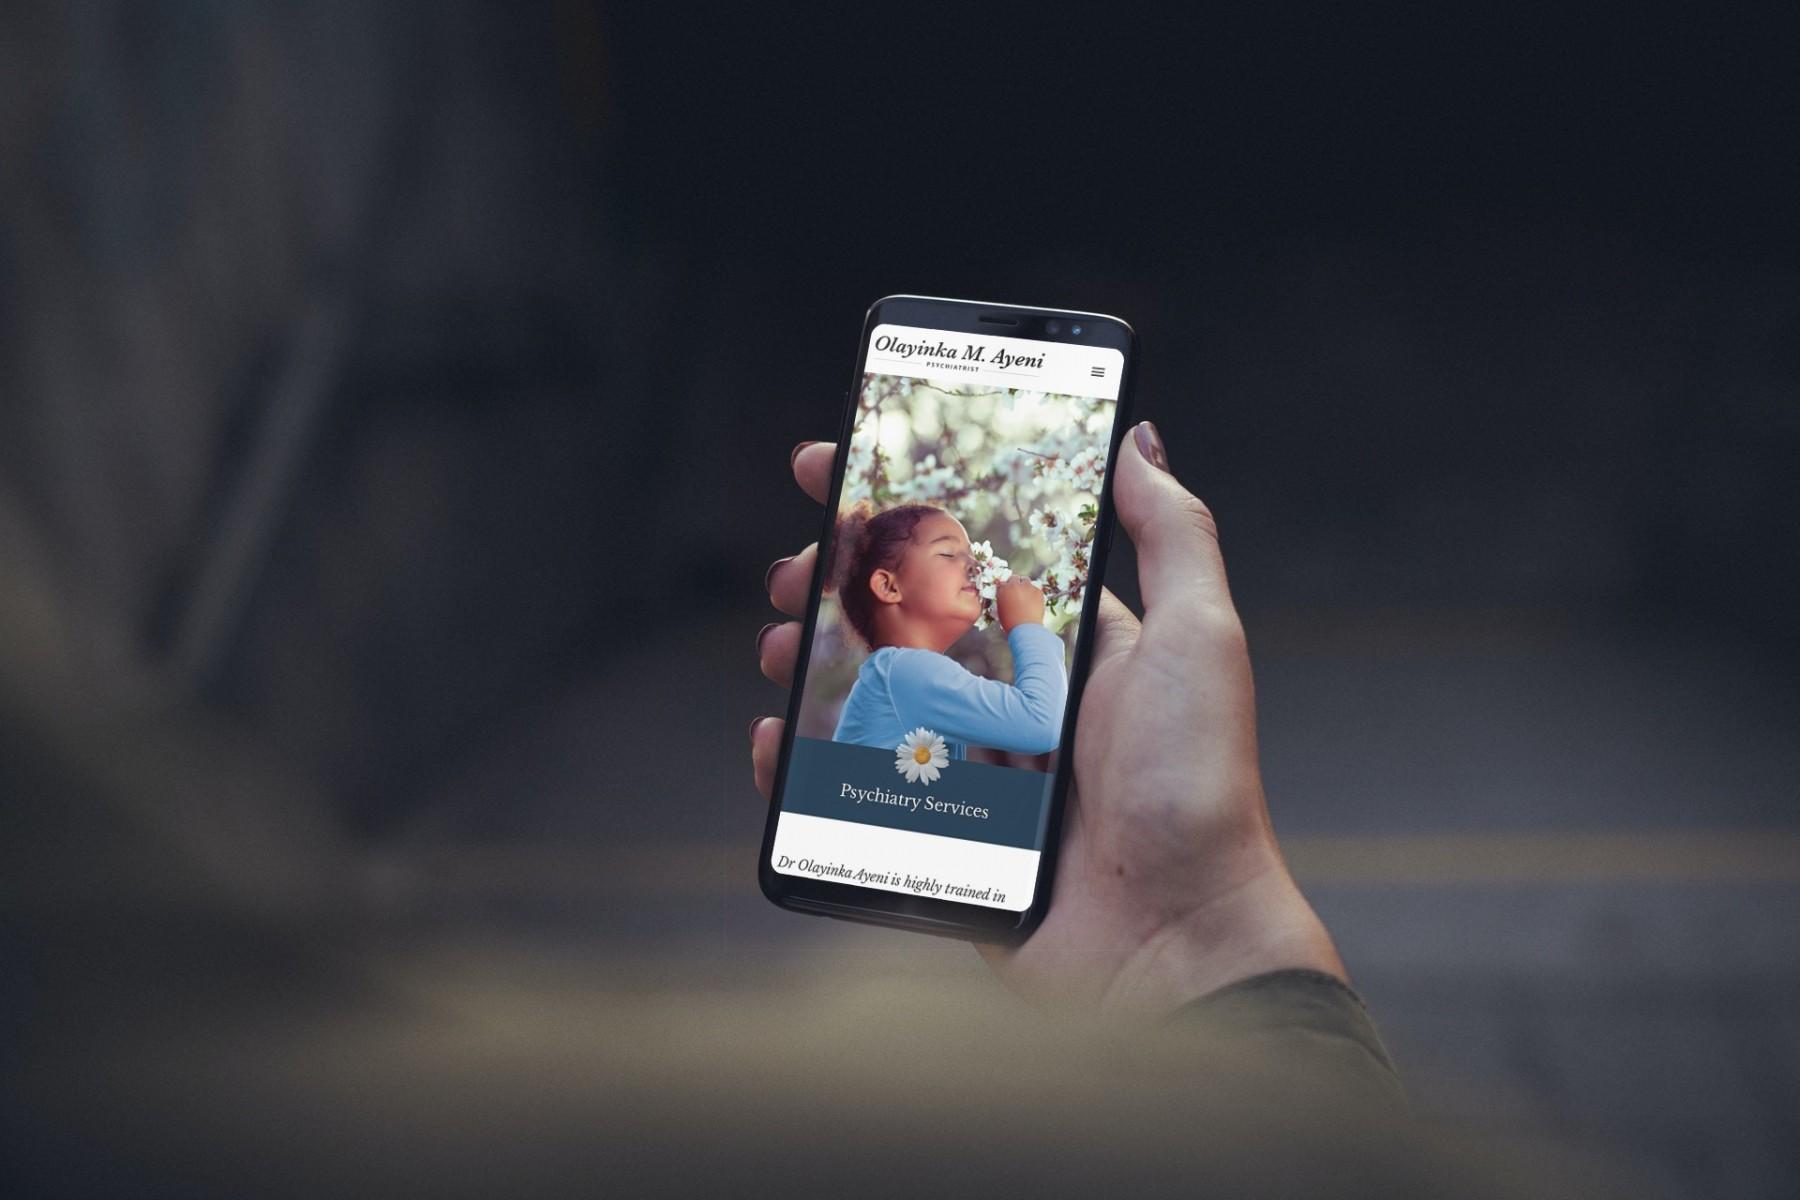 Olayinka M. Ayeni Website Design Smartphone